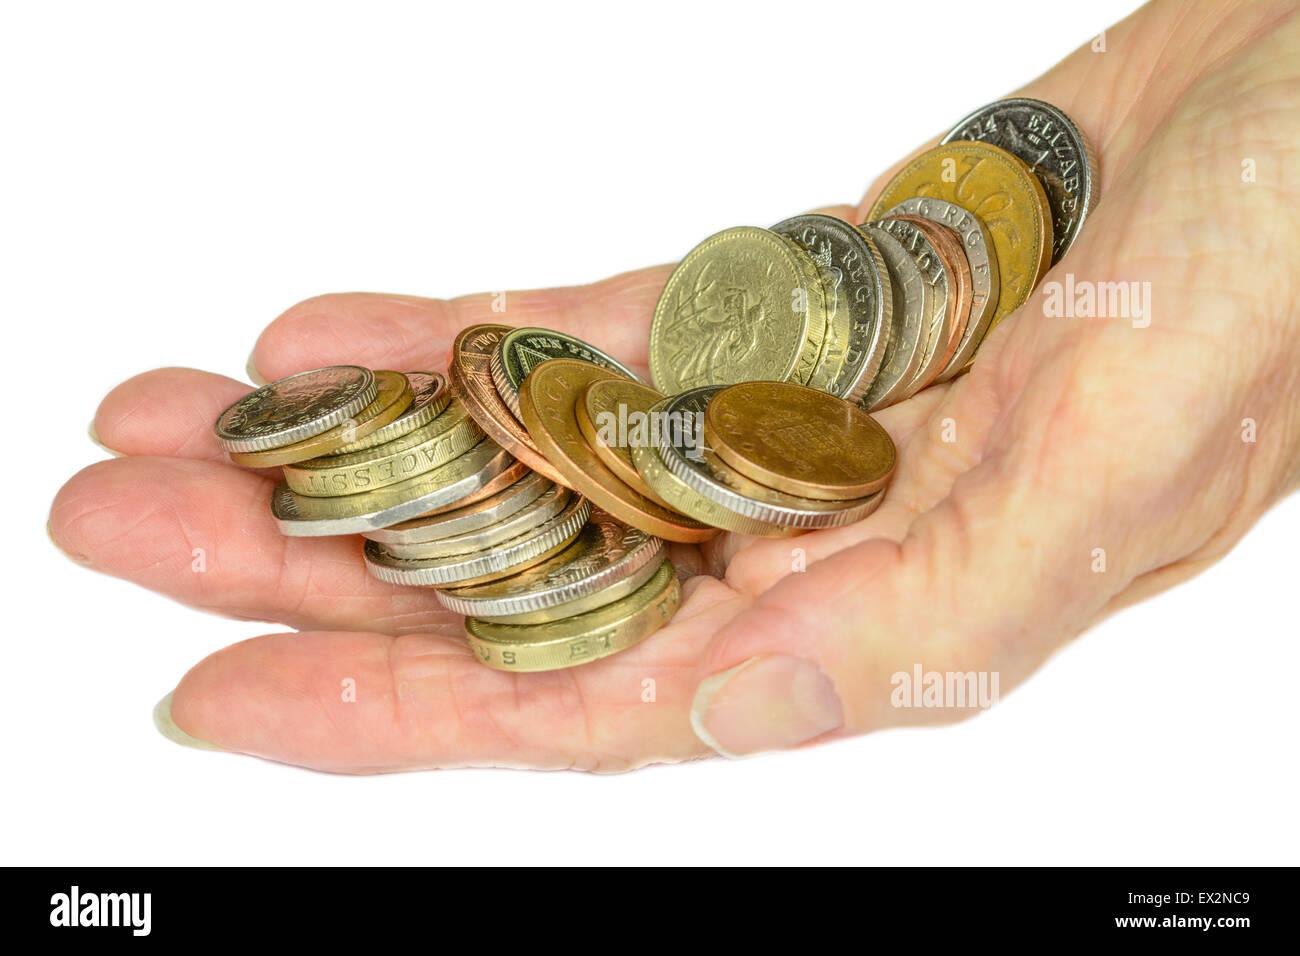 Zarte Frauenhand holding UK Sterling dezimale Münzen auf einem weißen Hintergrund. Stockbild